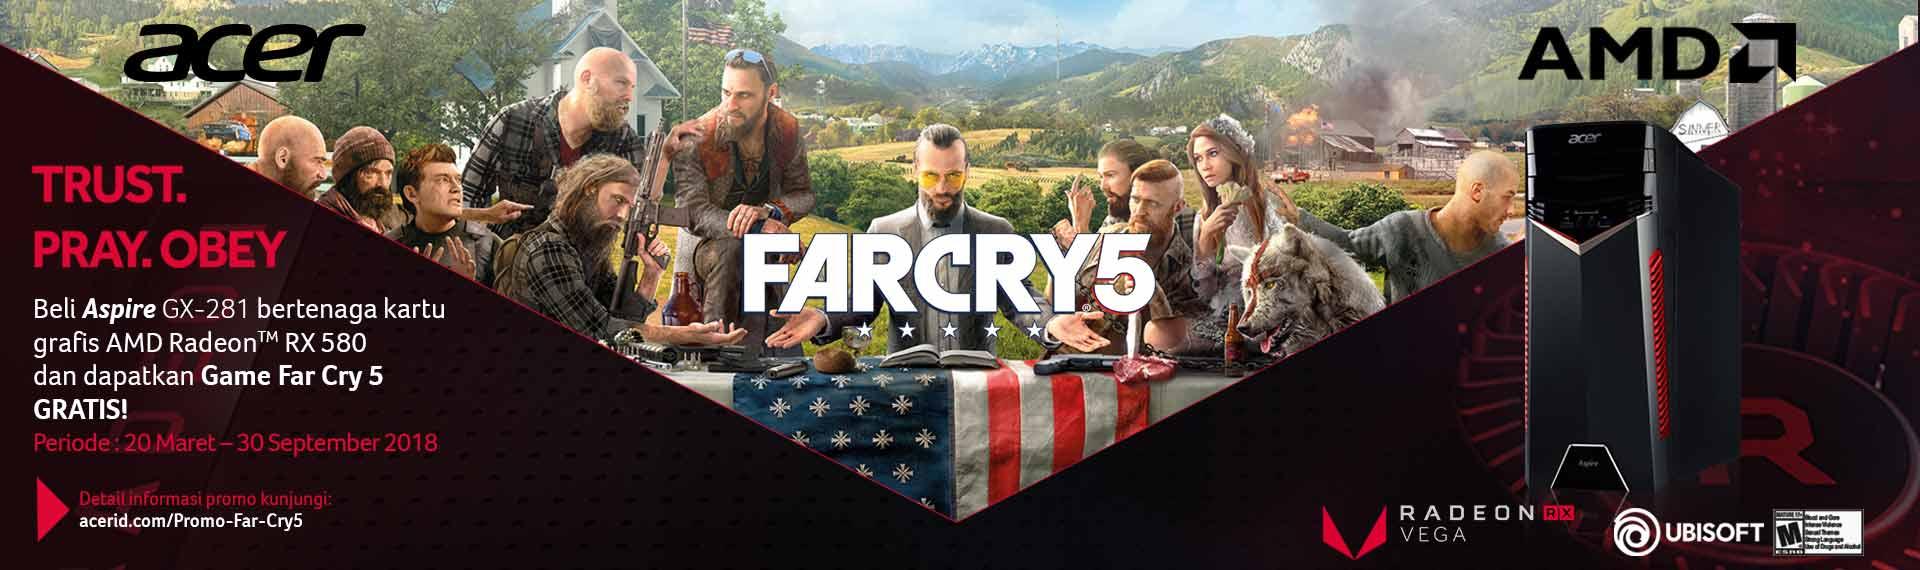 Gratis Game Far Cry 5 untuk Pembelian Aspire GX-281